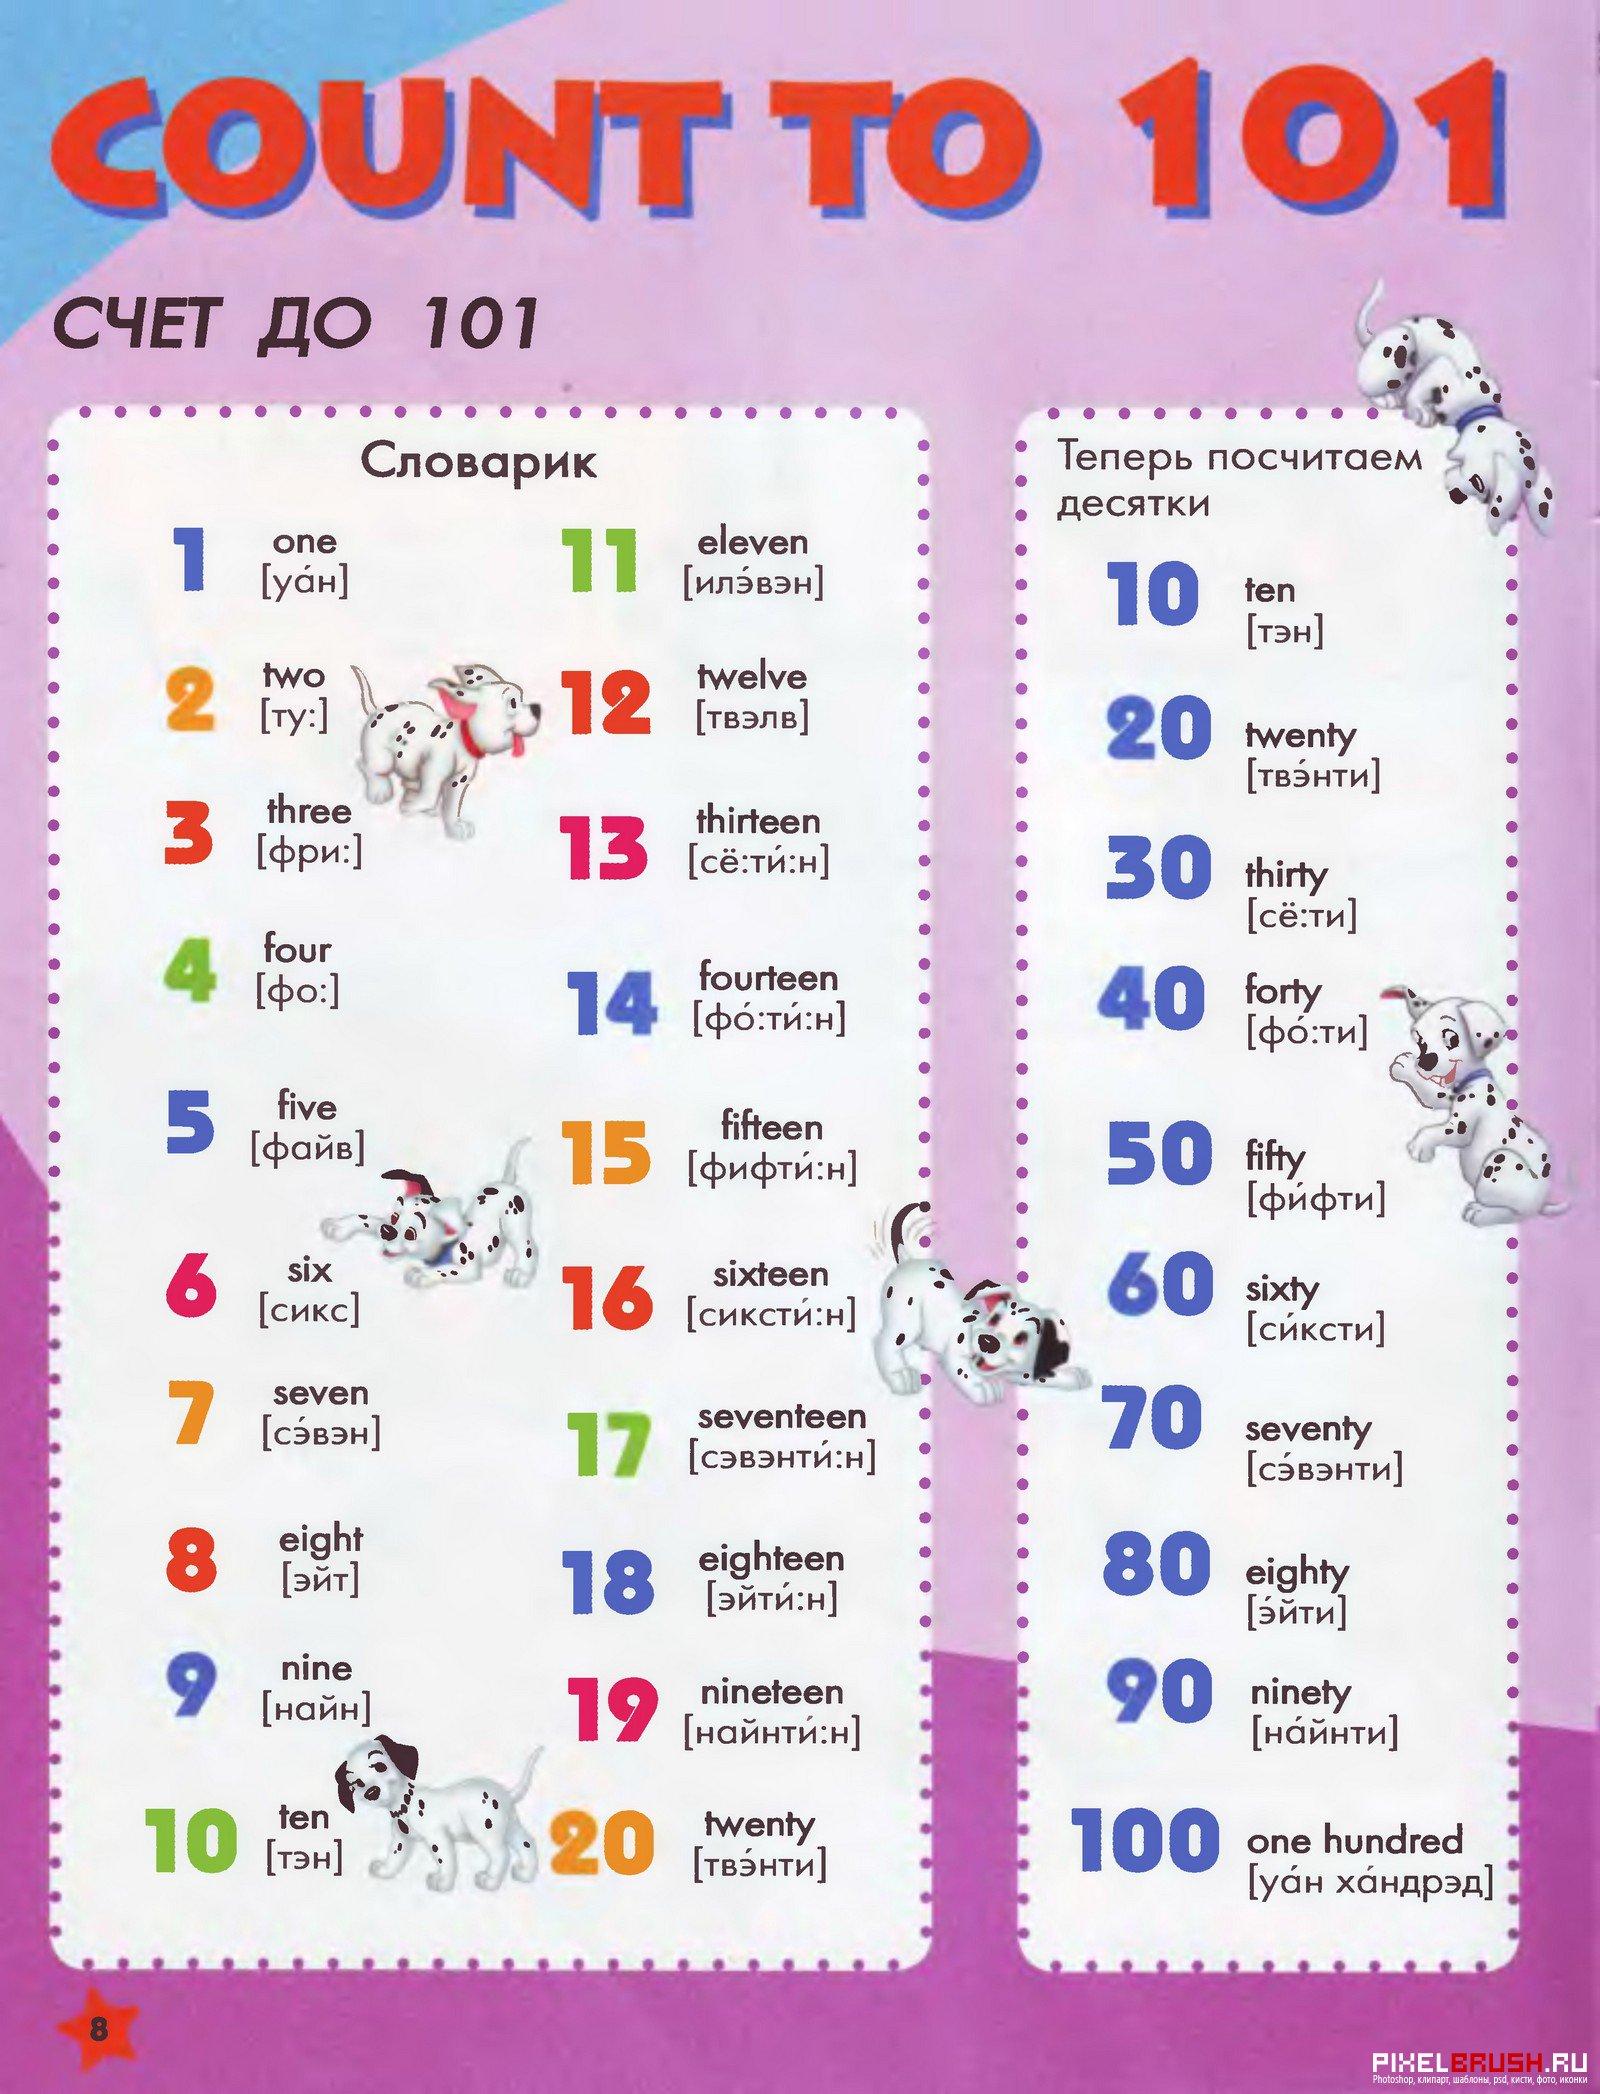 Учить китайский самостоятельно: 8 способов, ускоряющие ...